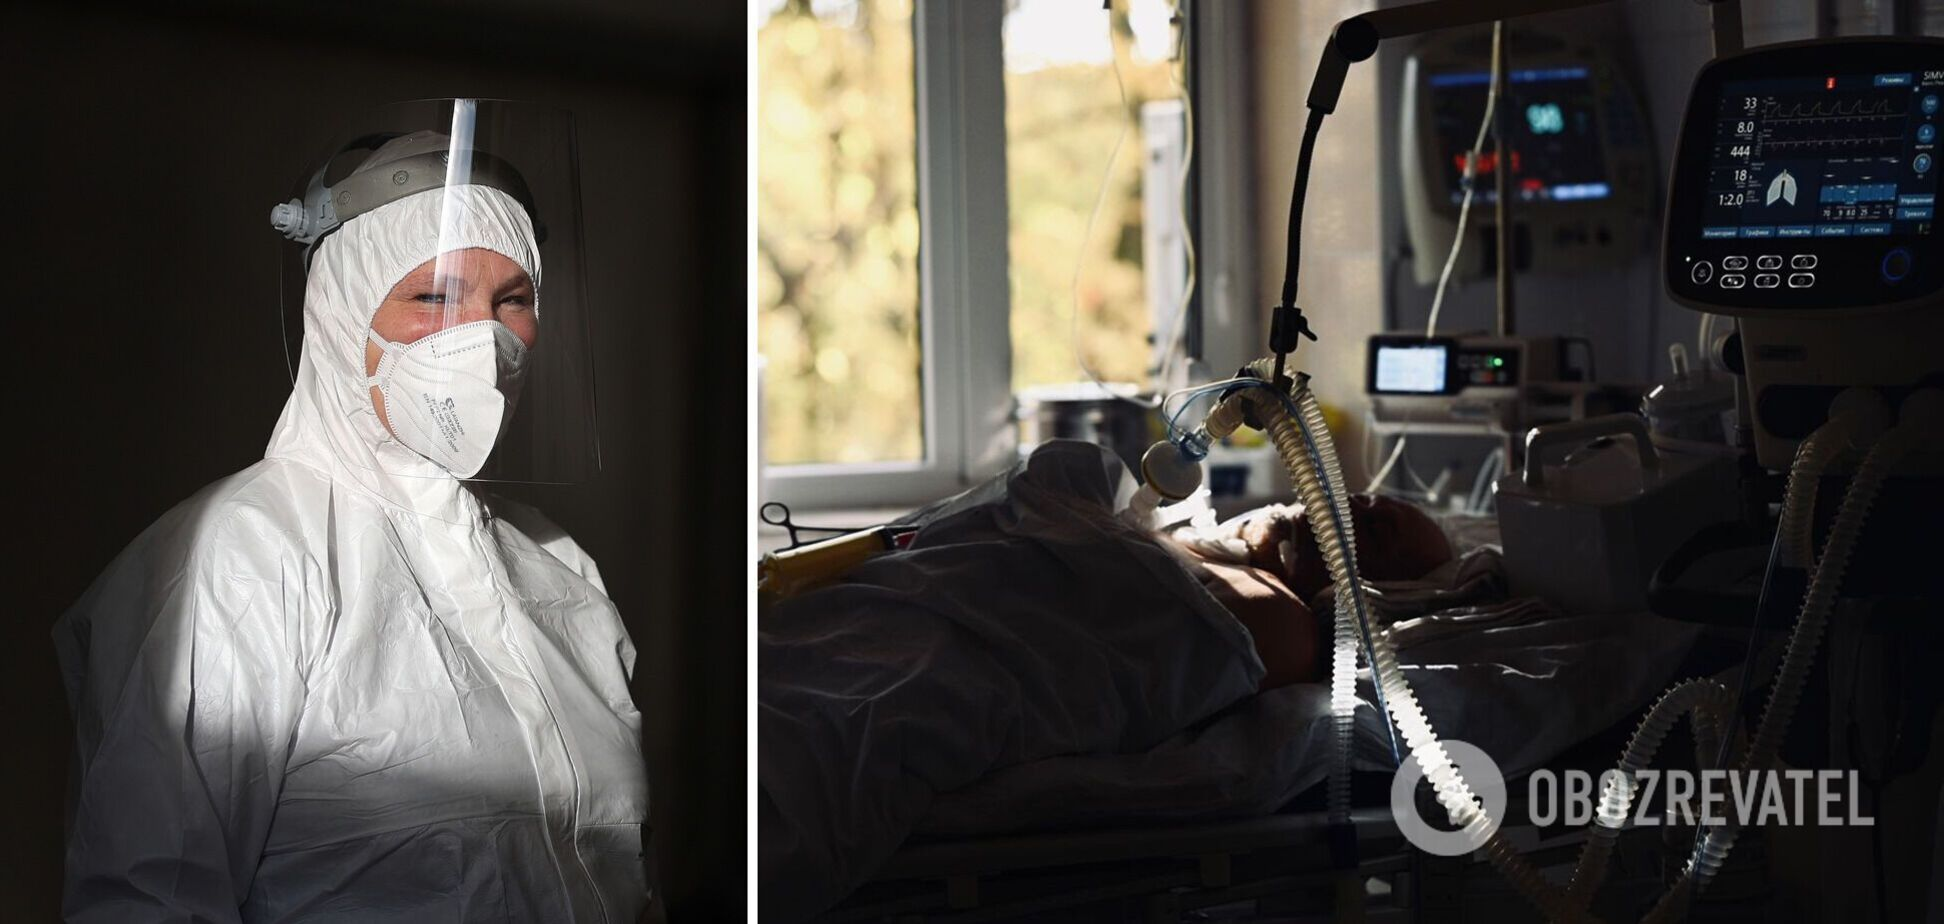 Лише один із десяти пацієнтів на ШВЛ виживає: похмурі фото із COVID-реанімації на Закарпатті